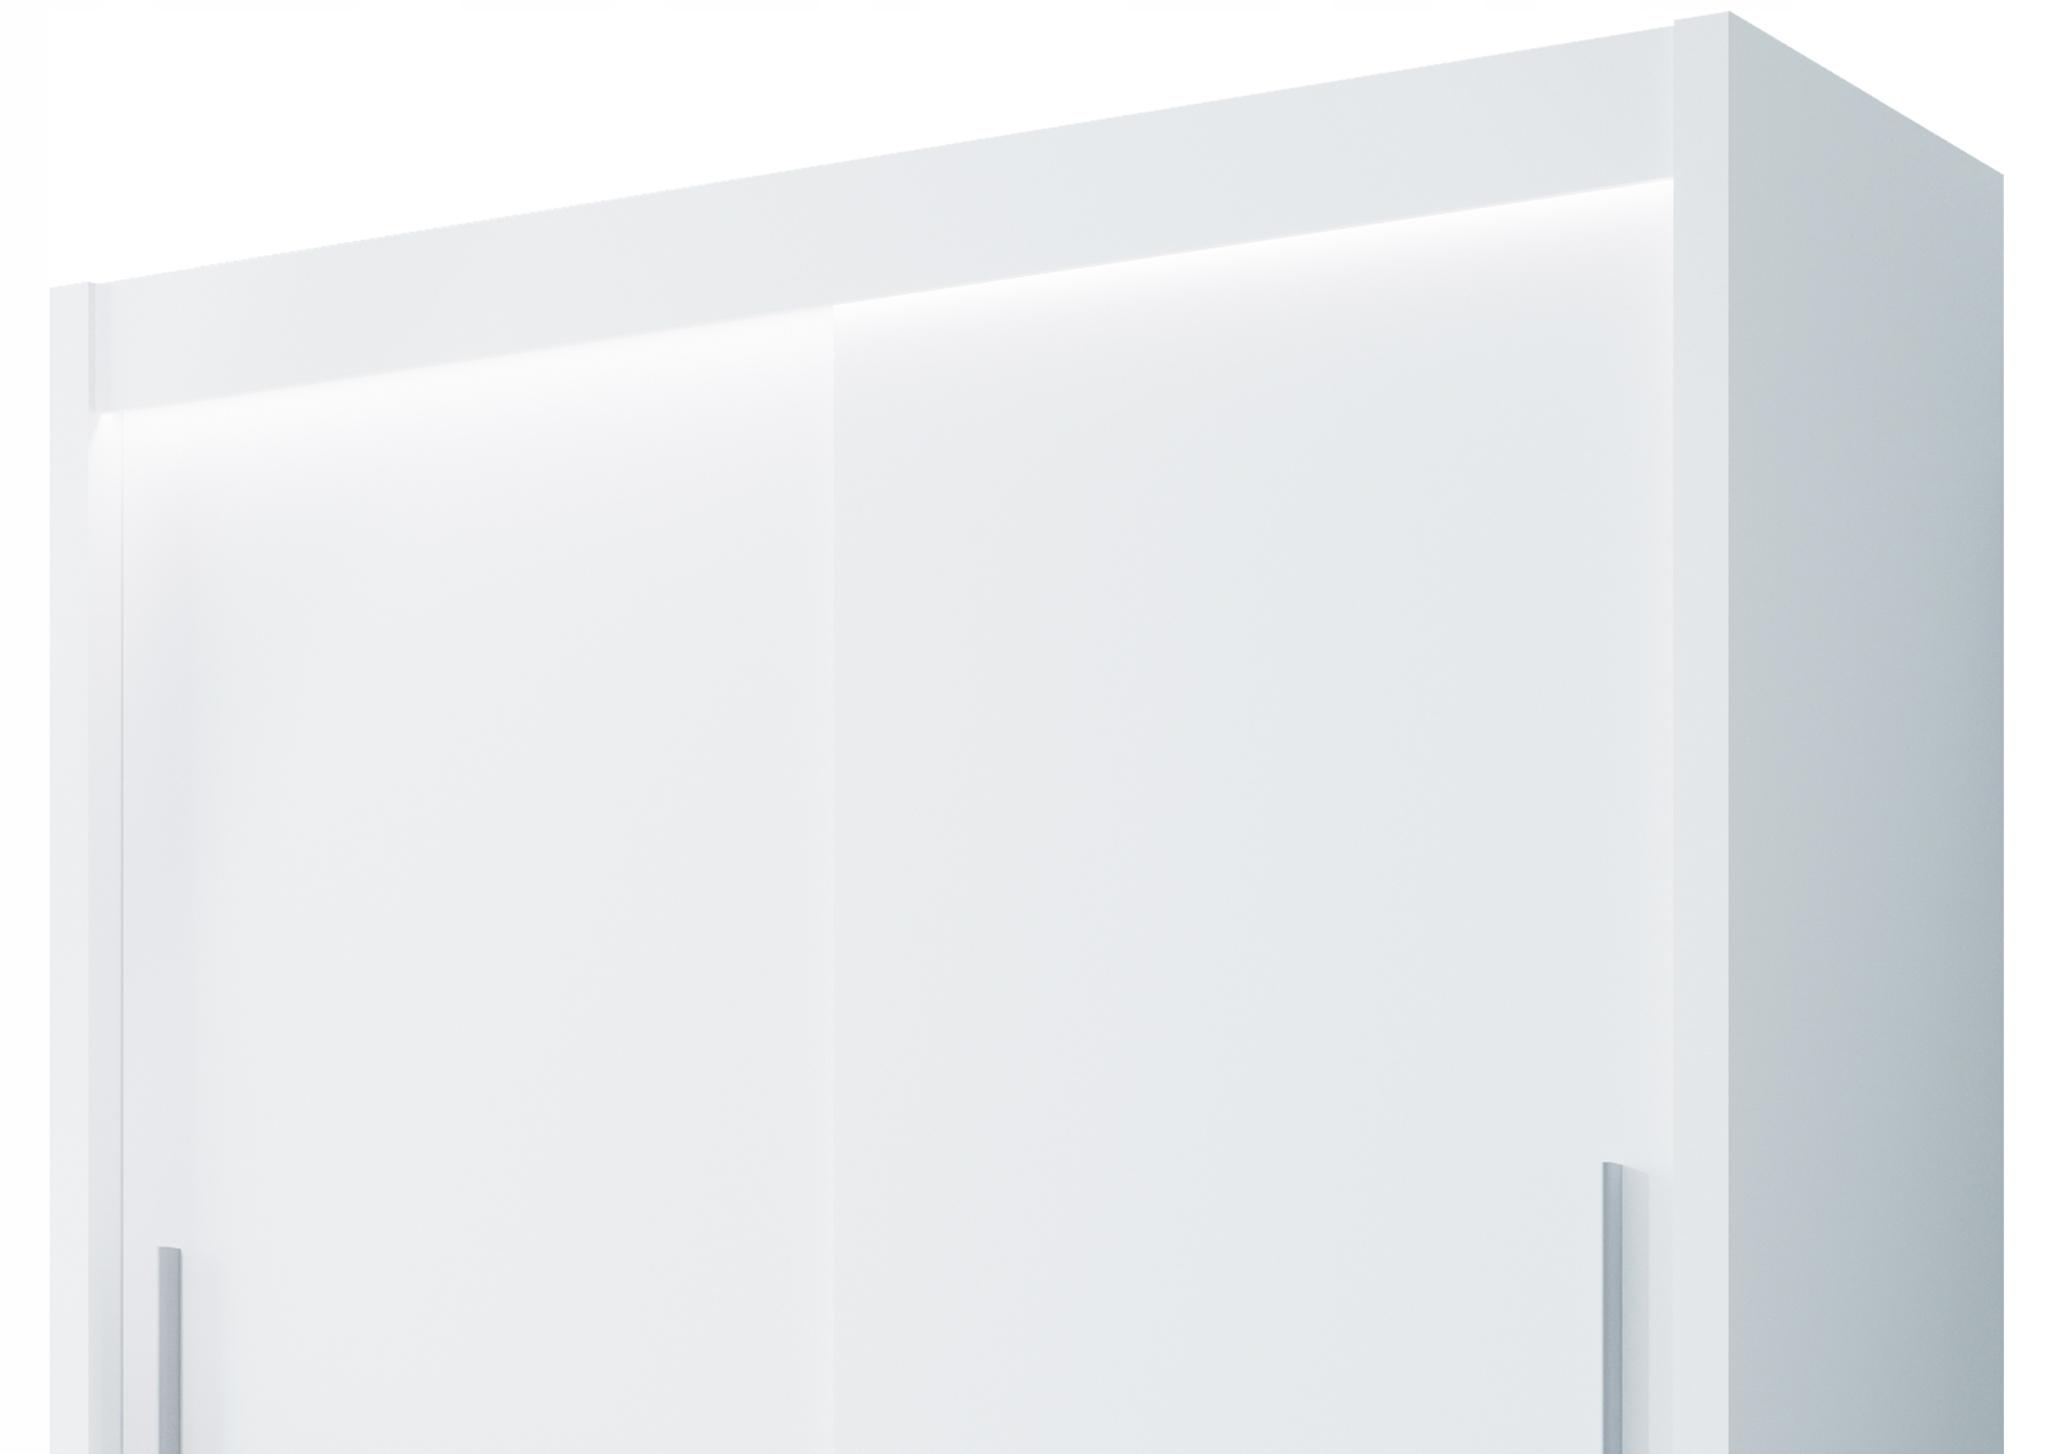 Dopłata do oświetlenia LED do szafy przesuwnej 120